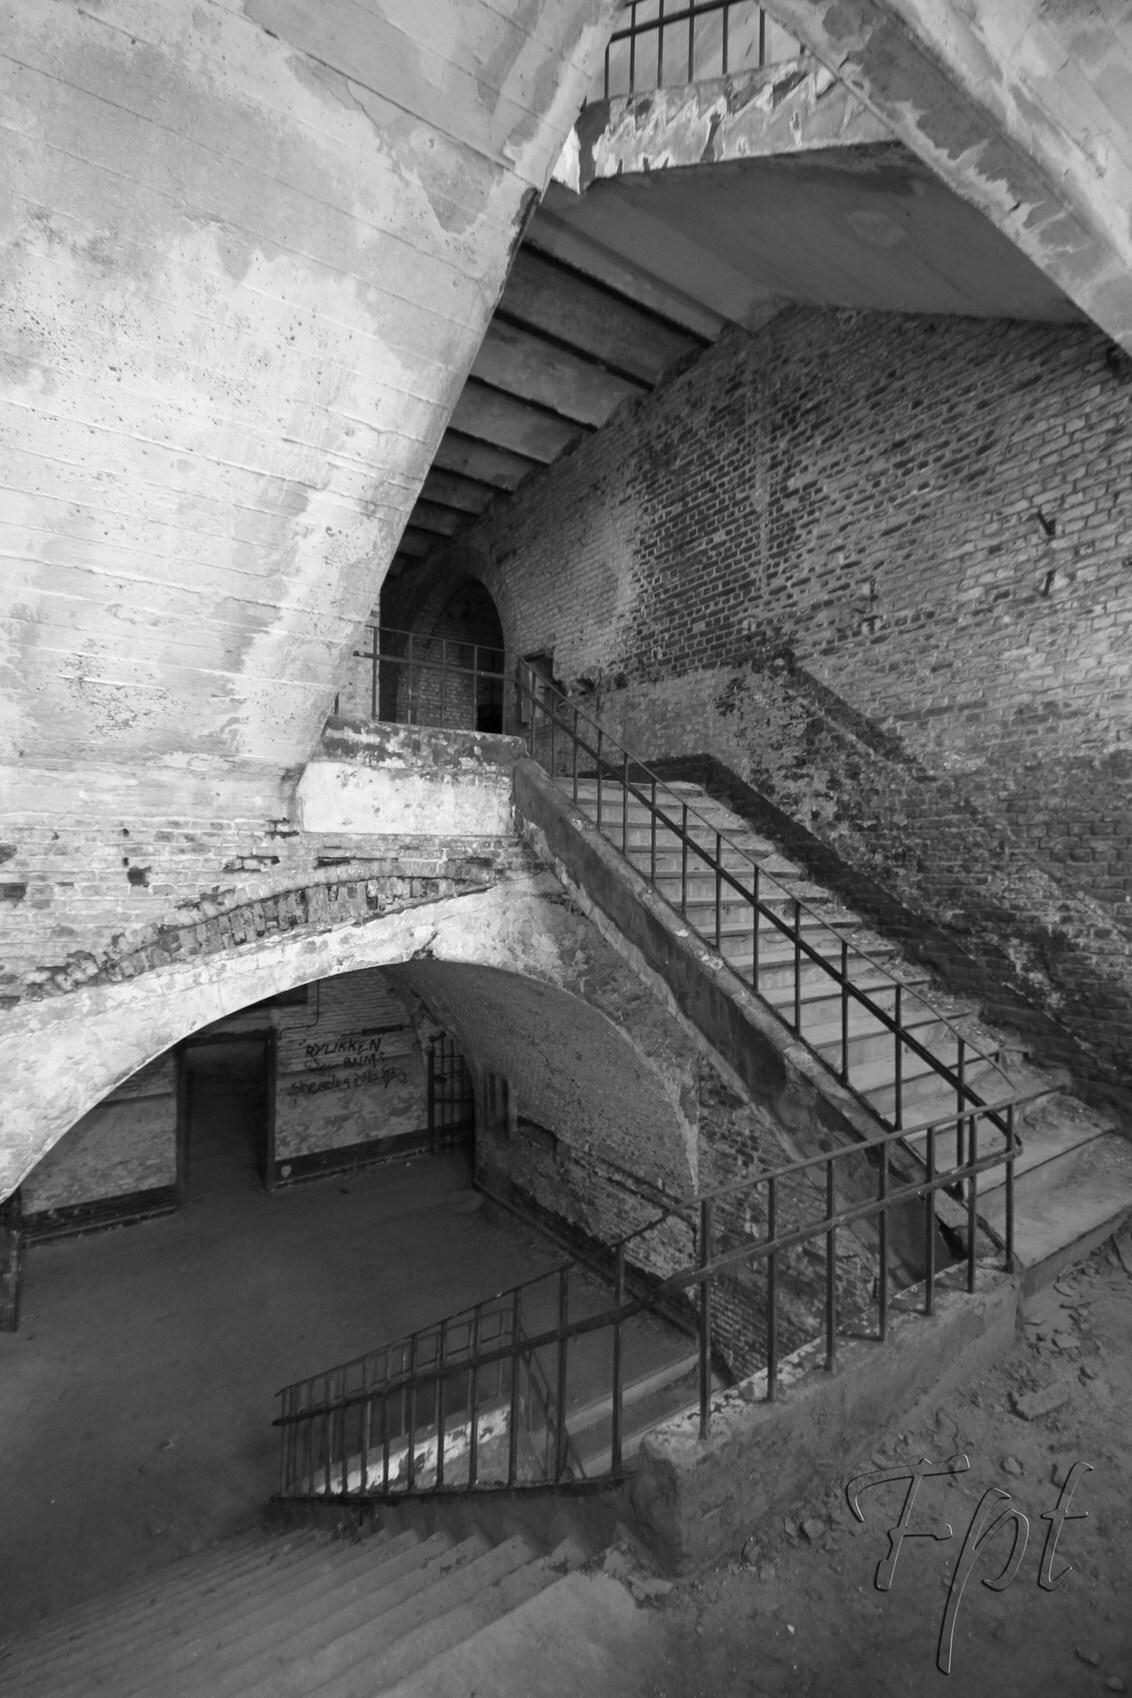 trappen huis - in een verlaten gebouw, - foto door fpt op 02-10-2012